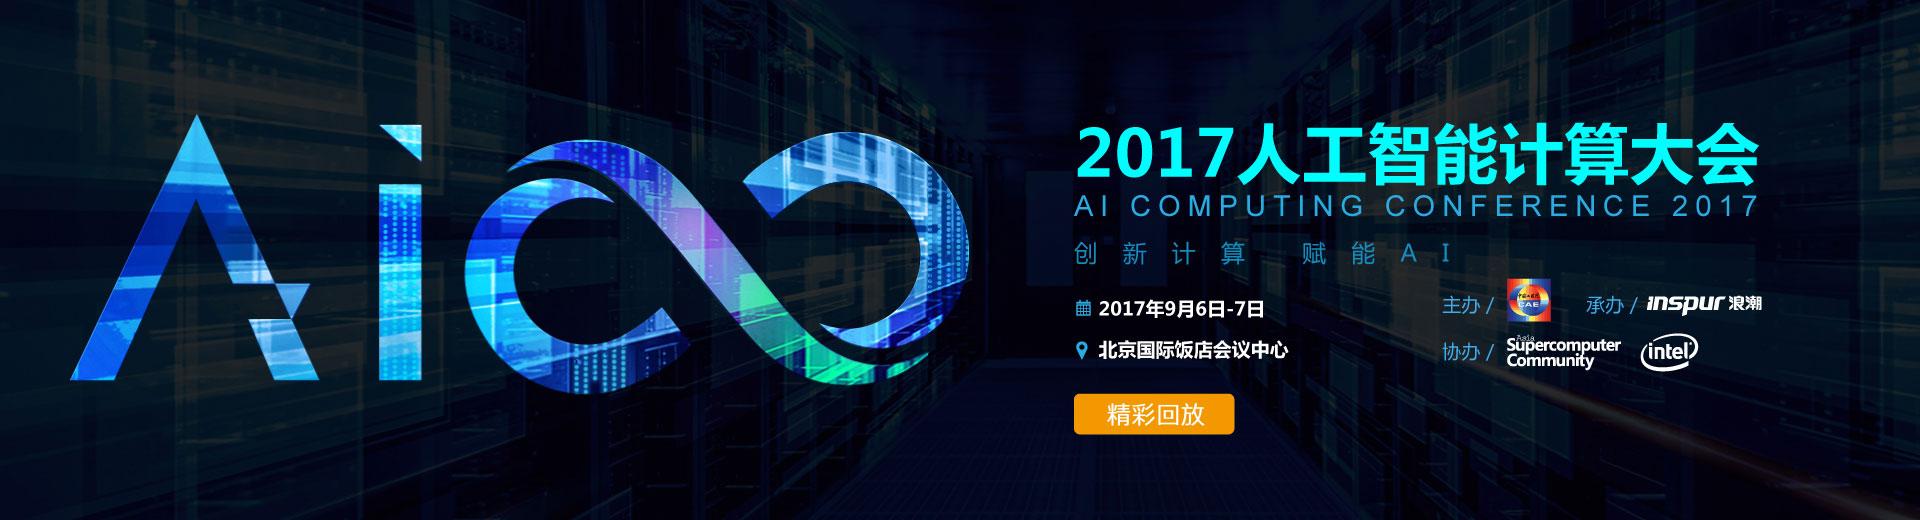 2017人工智能计算大会 AI Computing Conference 创新计算 赋能AI 2017年9月6日-7日 北京国际饭店会议中心